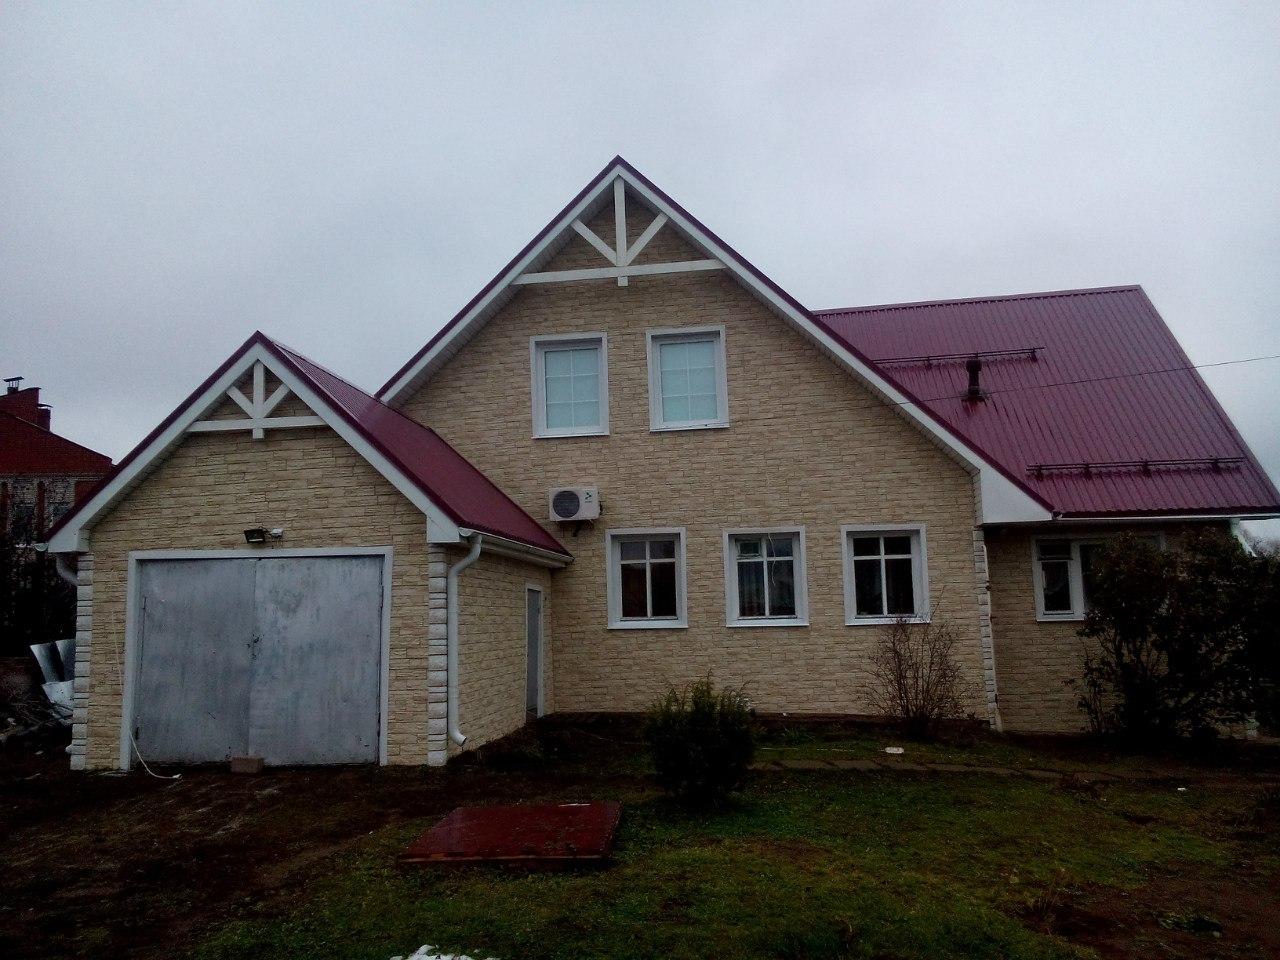 Строительная компания Ижевск государственные строительные организации ижевск